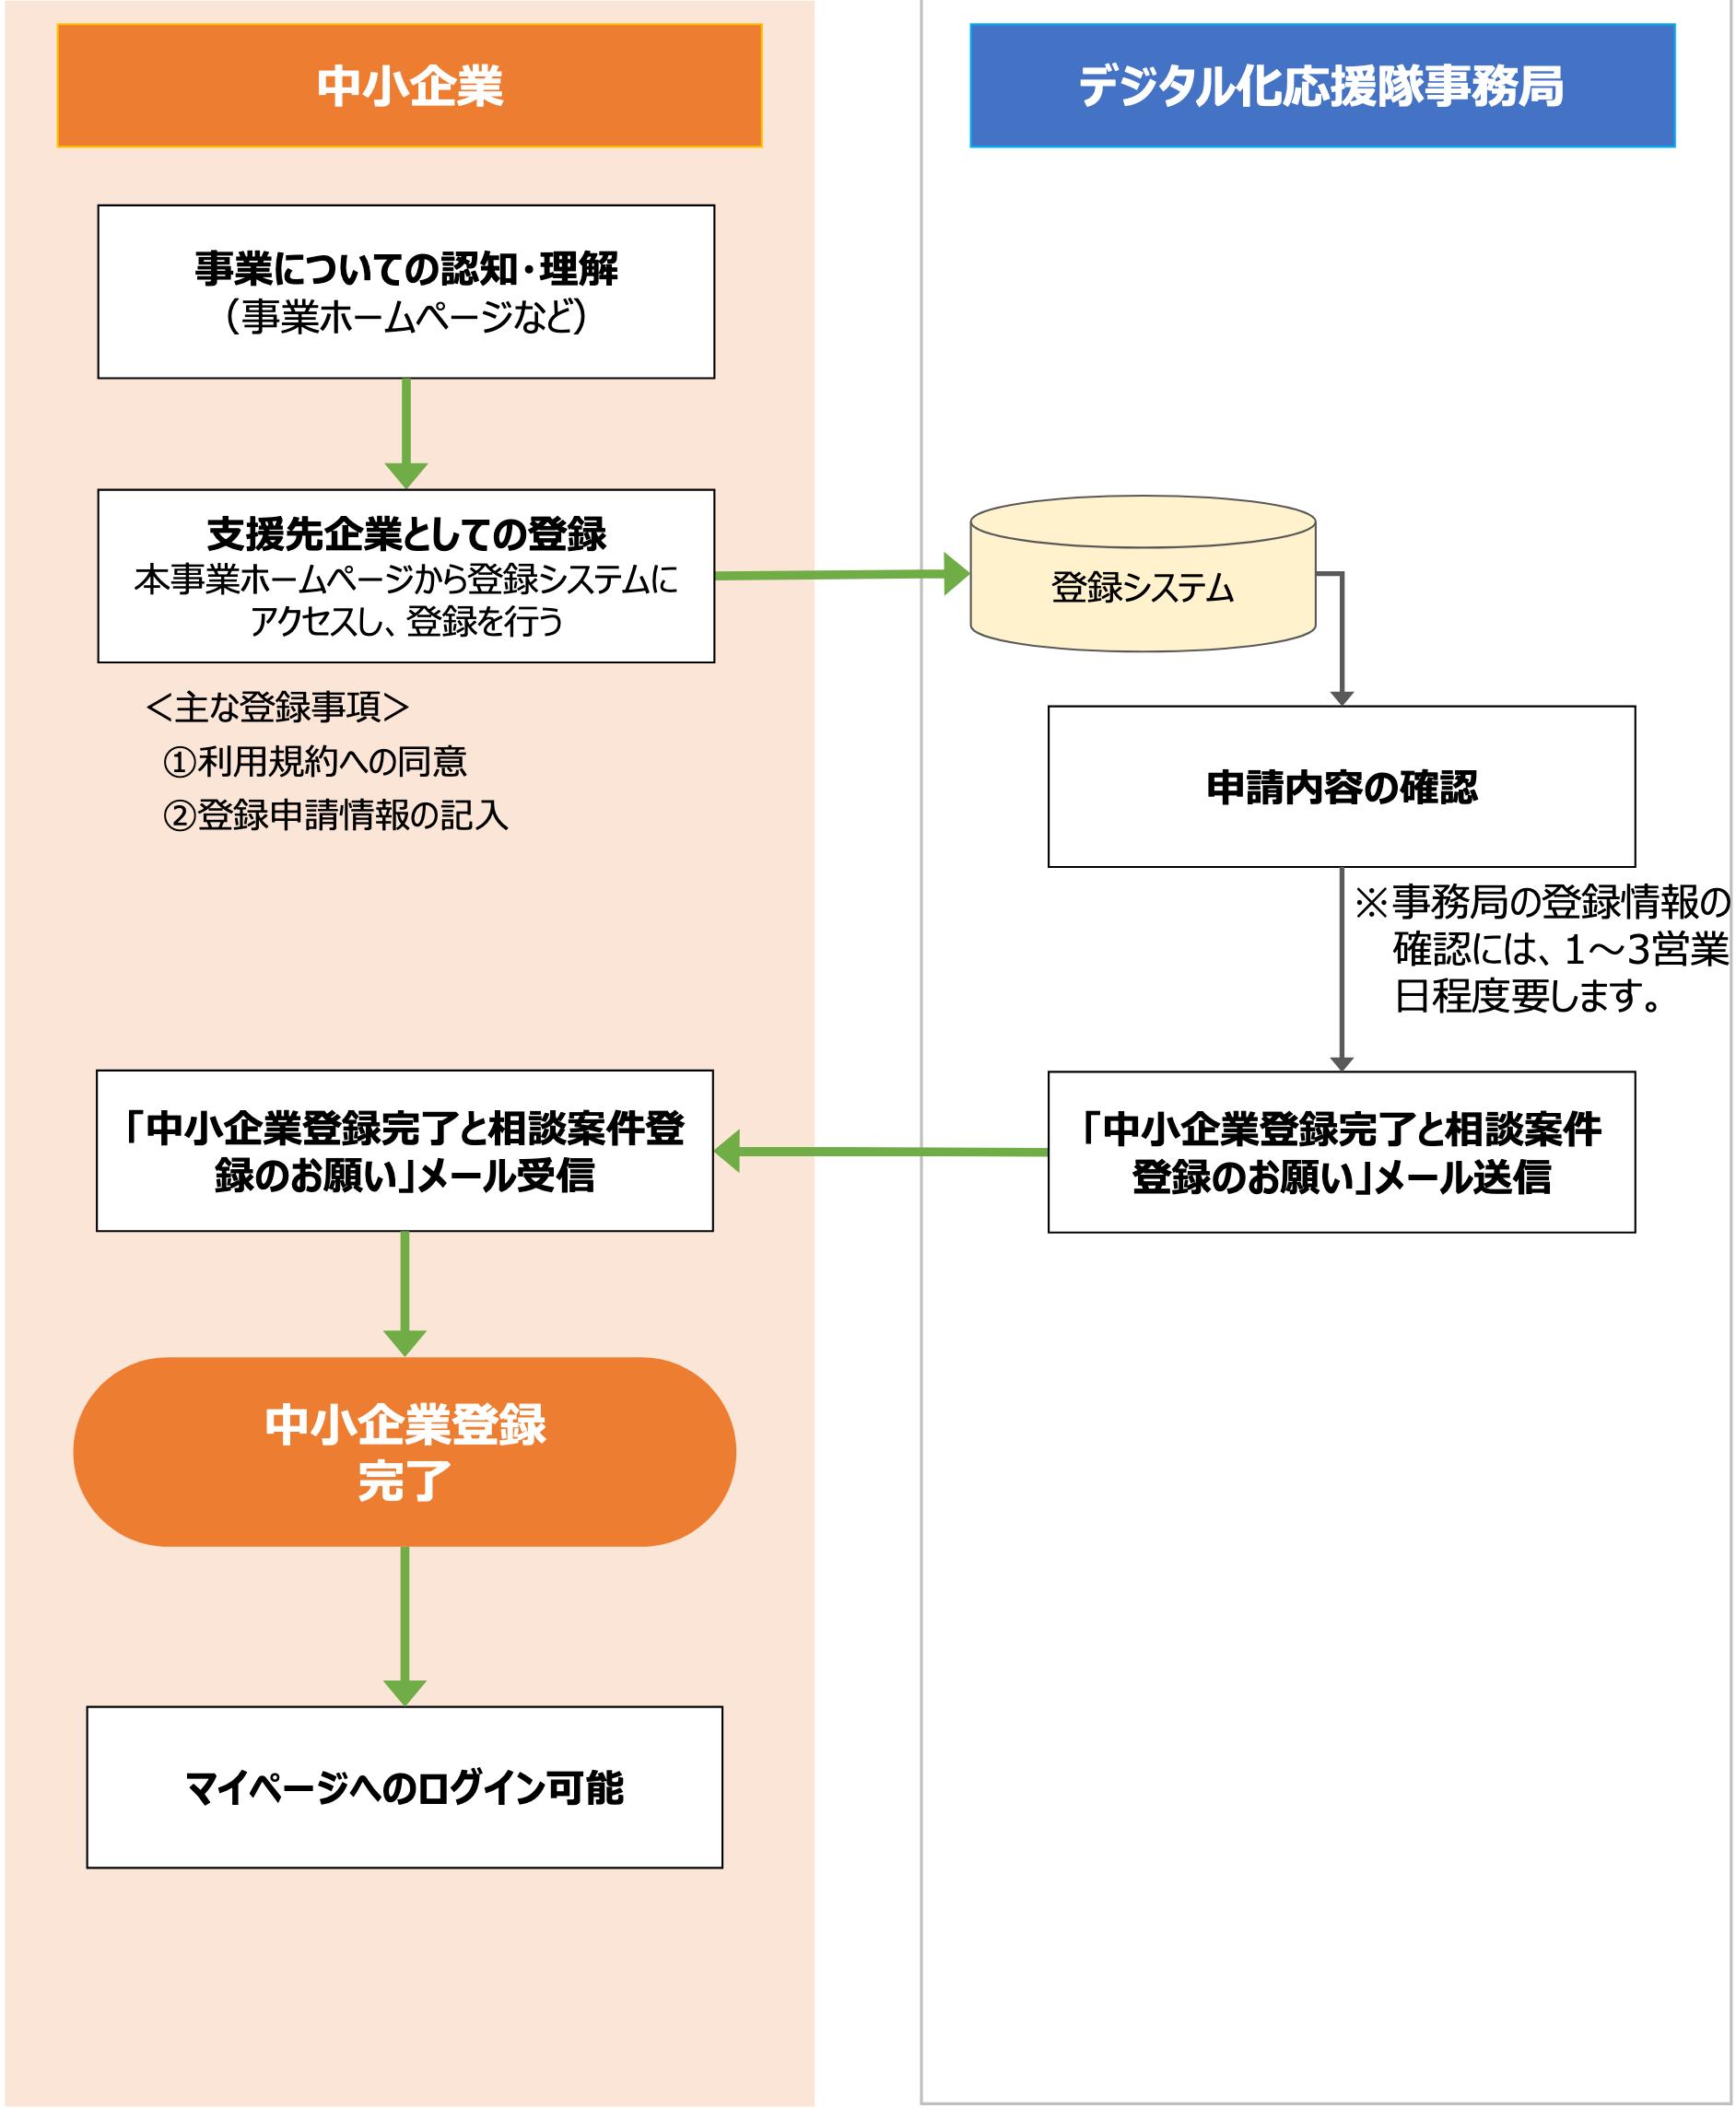 中小企業の登録~相談案件の登録